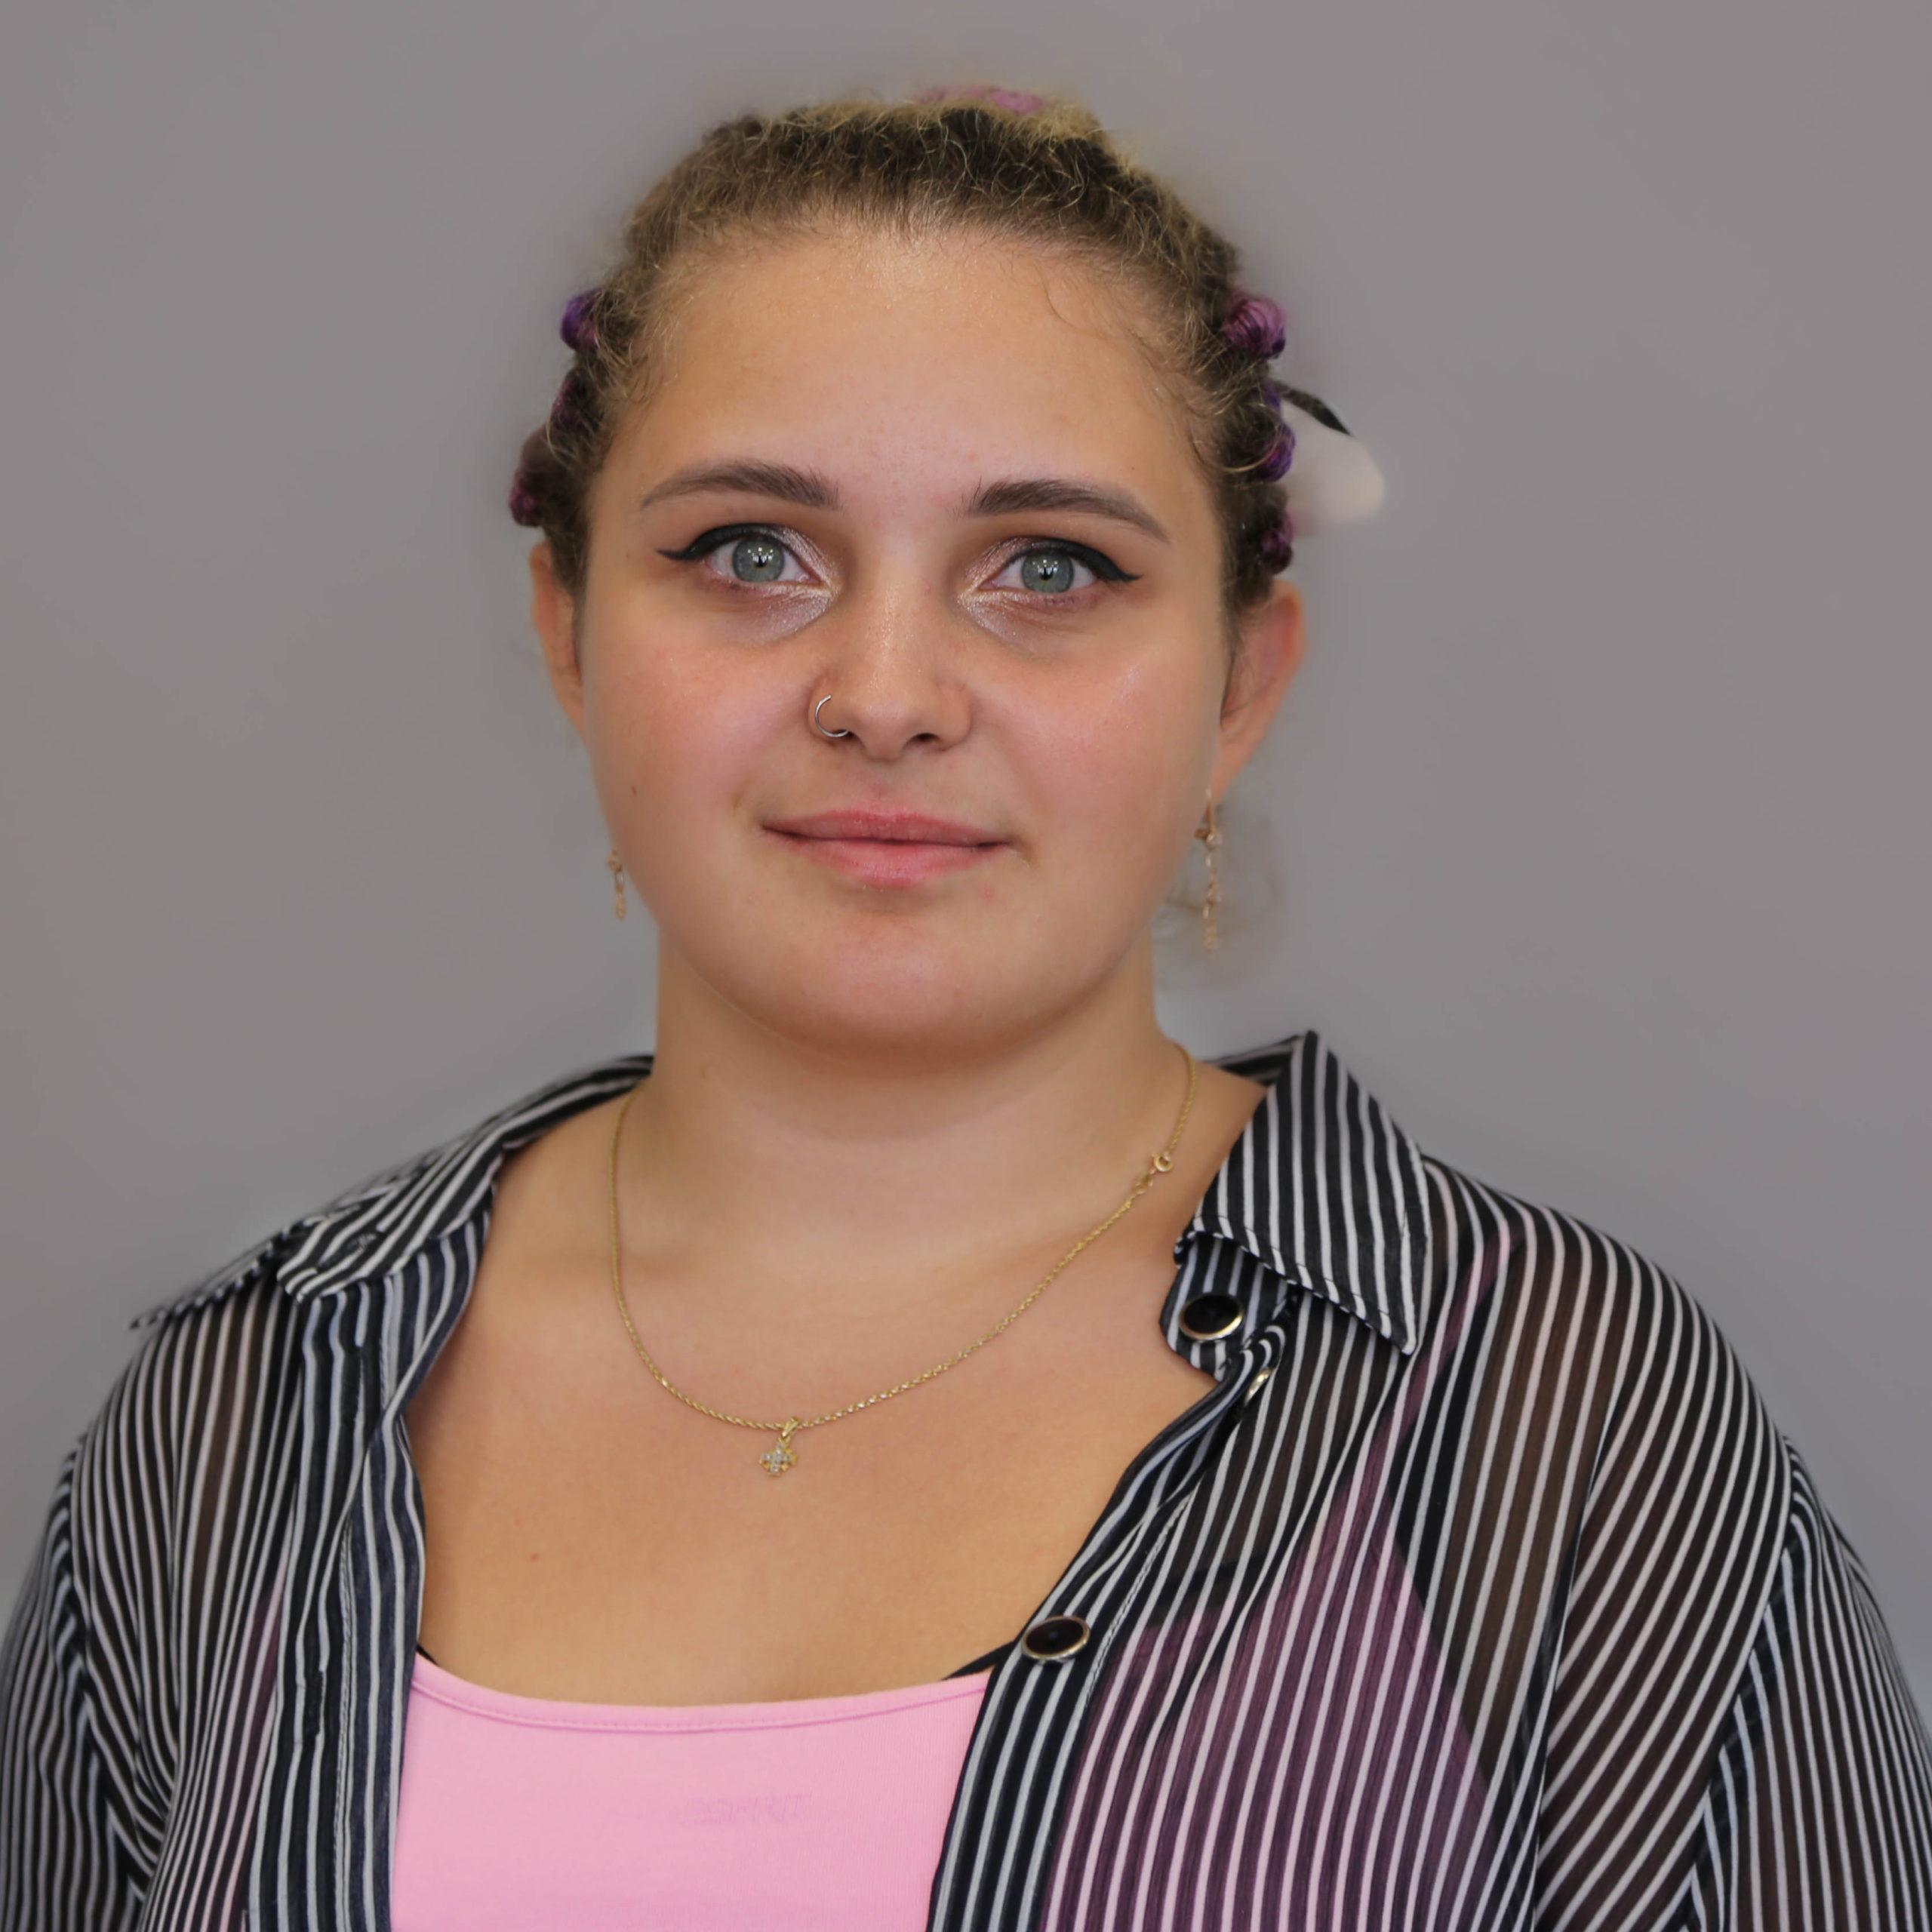 Данилова Дарья Григорьевна